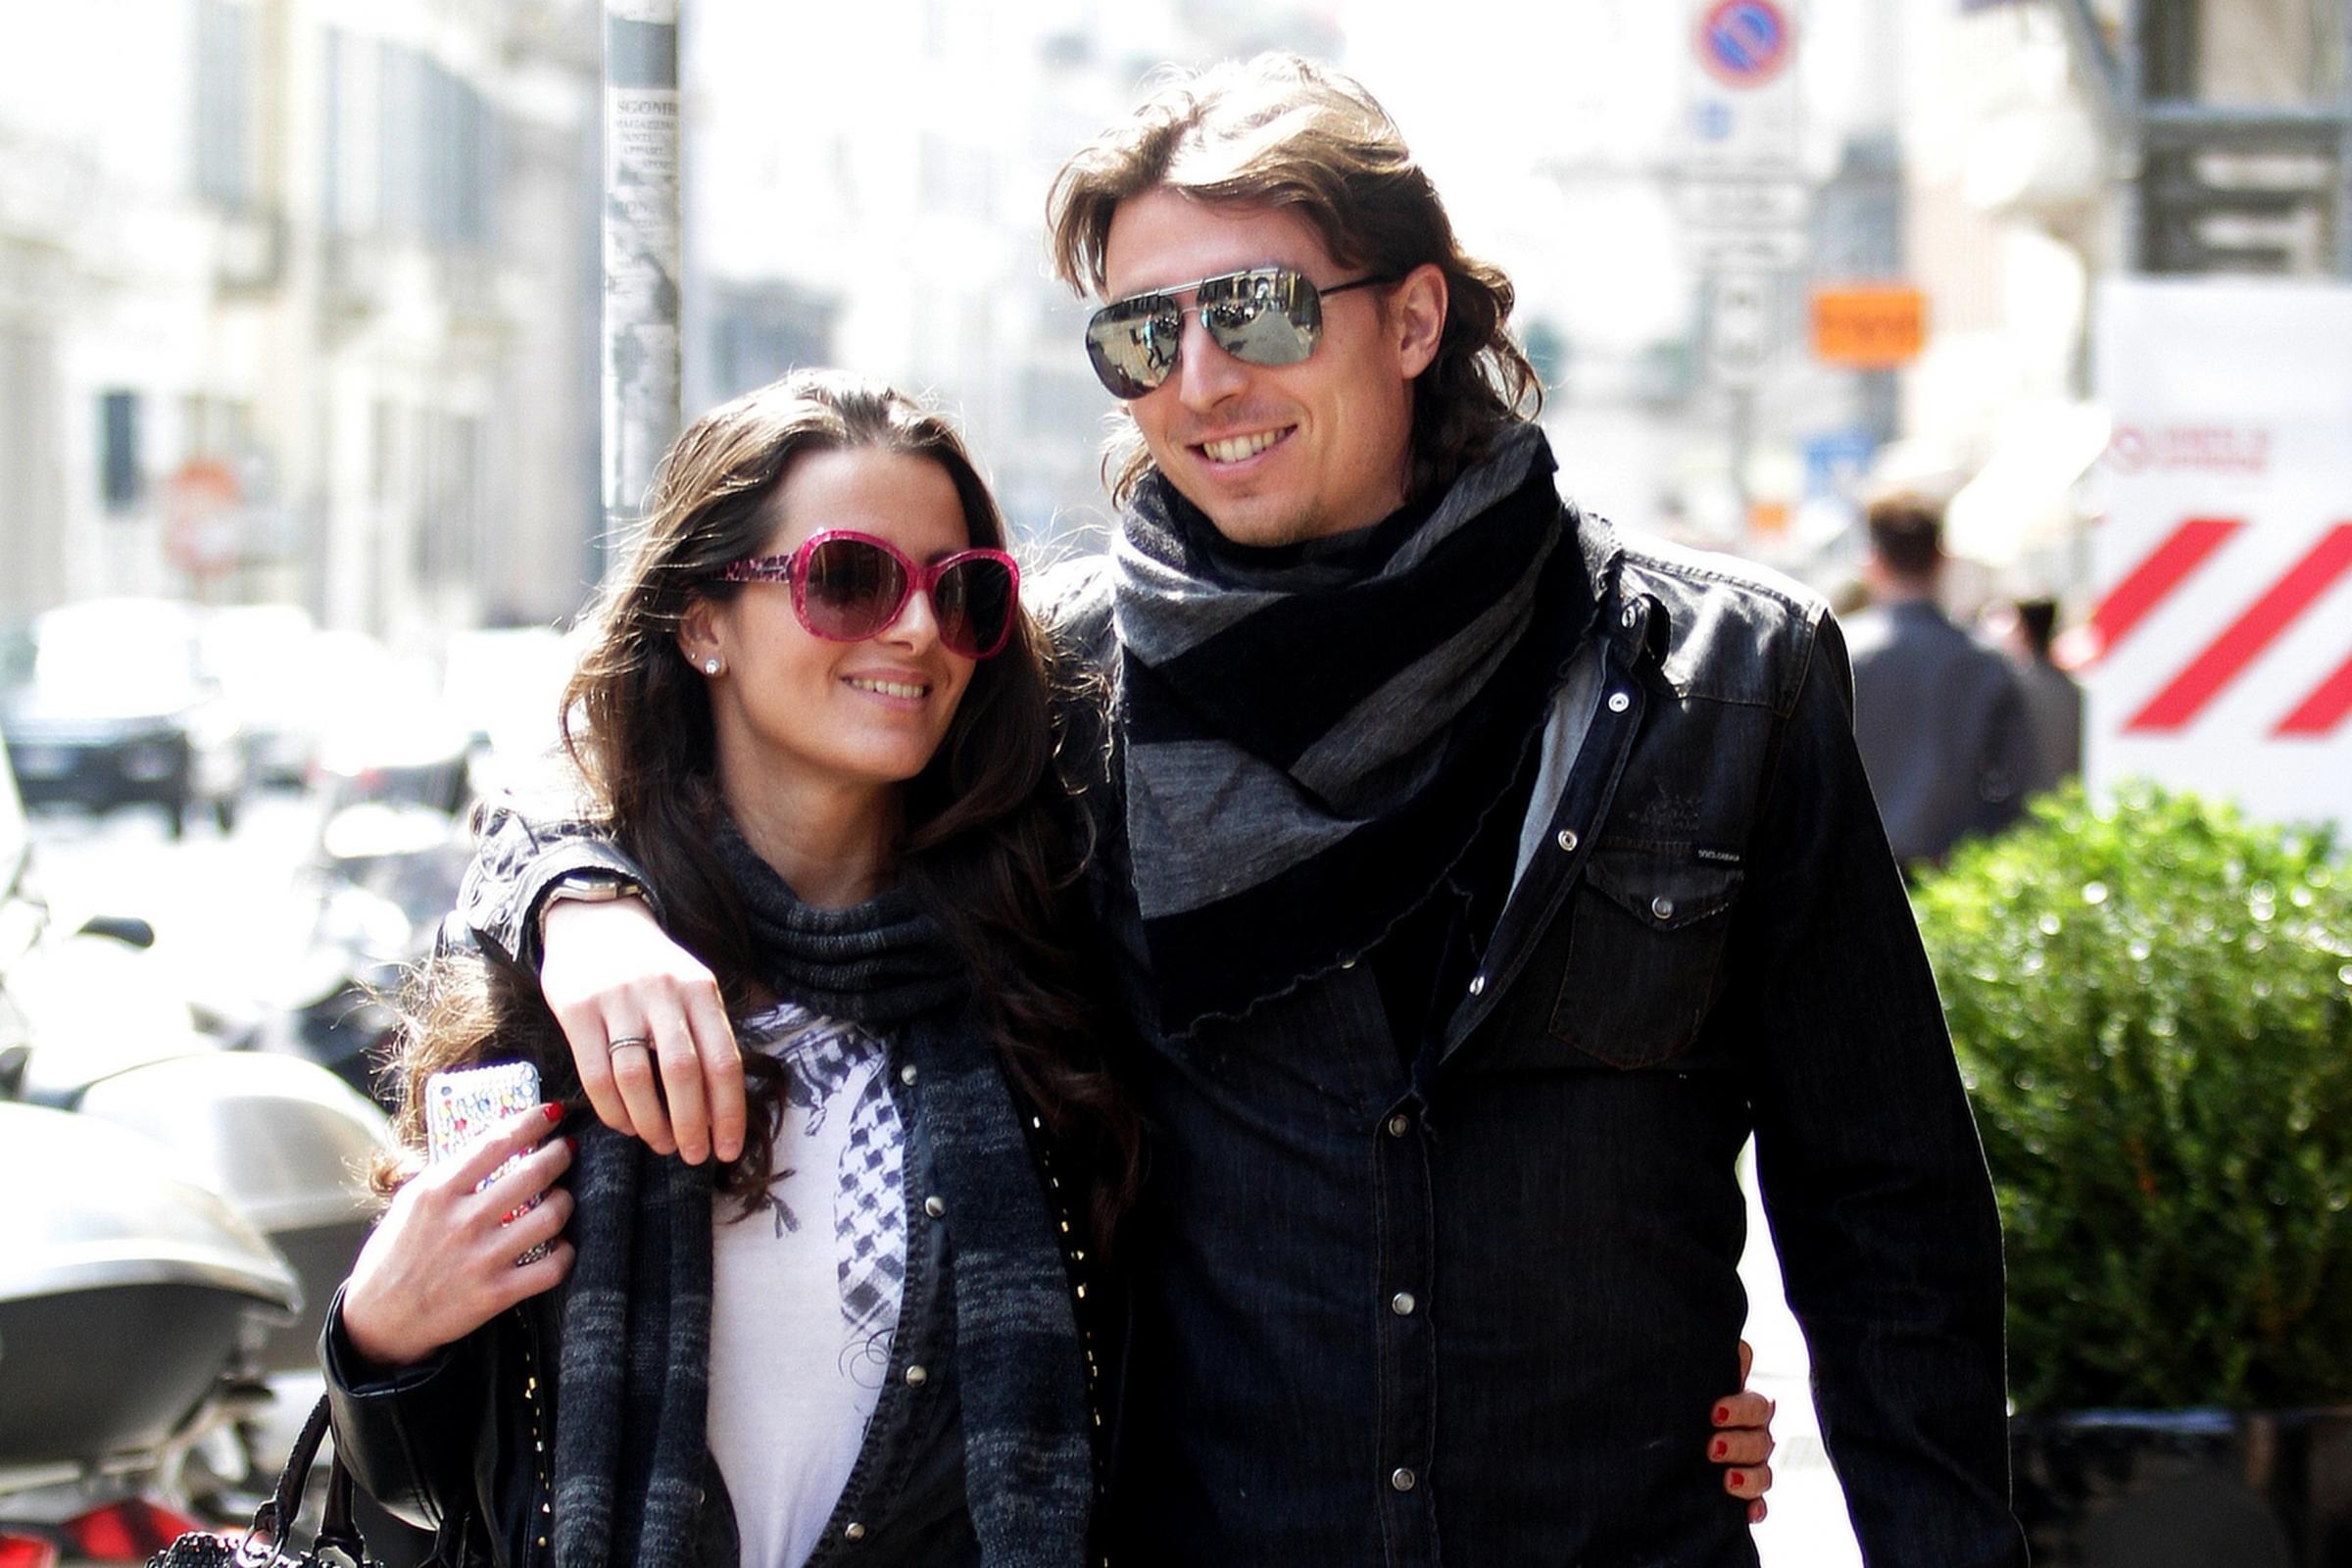 Cristina De Pin e Riccardo Montolivo a passeggio per Milano